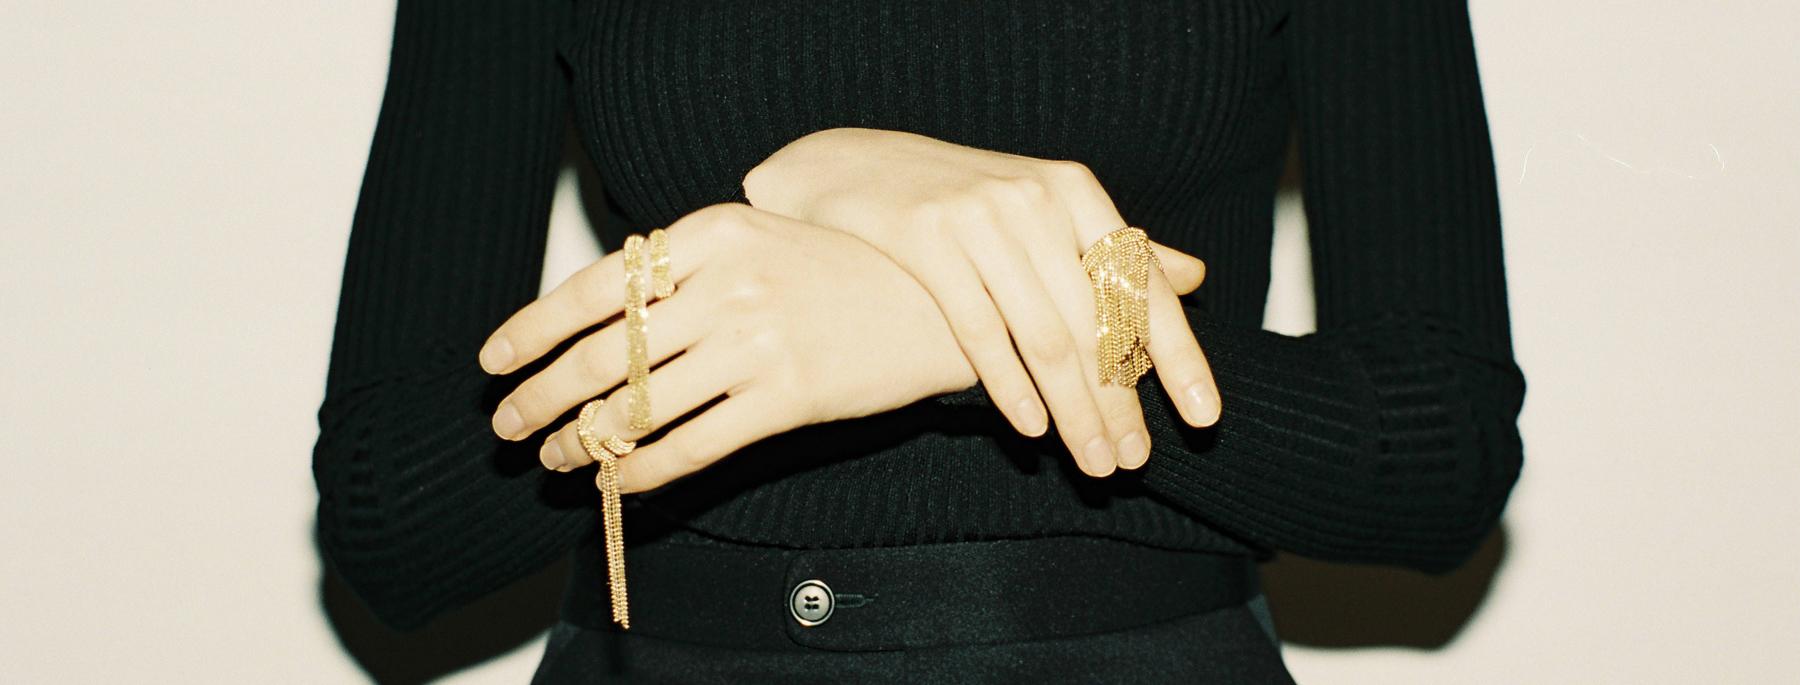 gioielli donna con catene diamantate